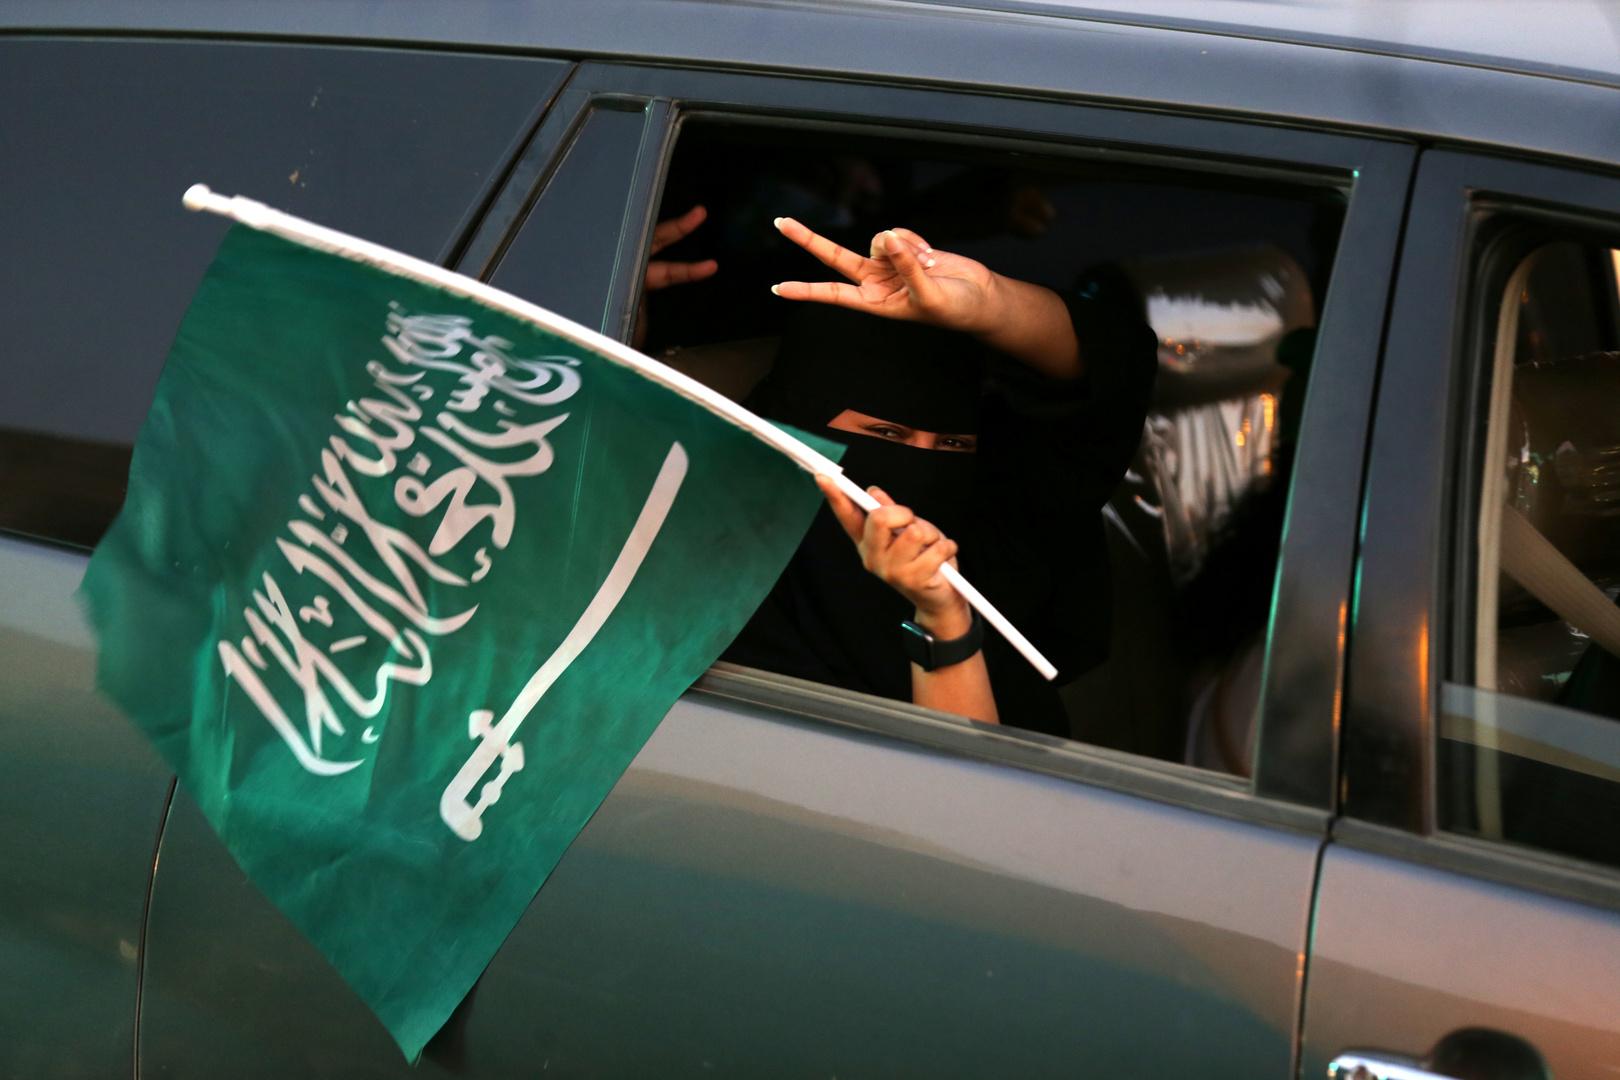 السعودية.. مقطع فيديو متداول لفتاتين ترقصان من خارج نافذة سيارة والأمن يتحرك (فيديو)